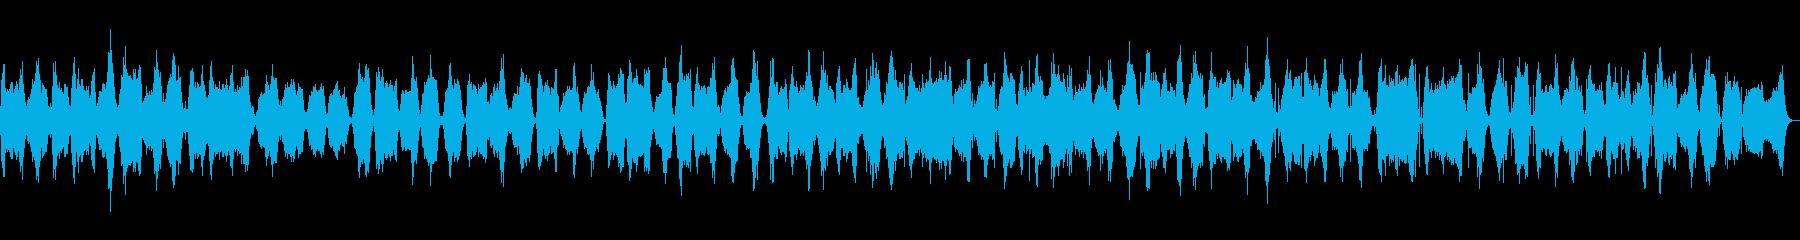 命を感じ幻想的なアンビエントミュージックの再生済みの波形